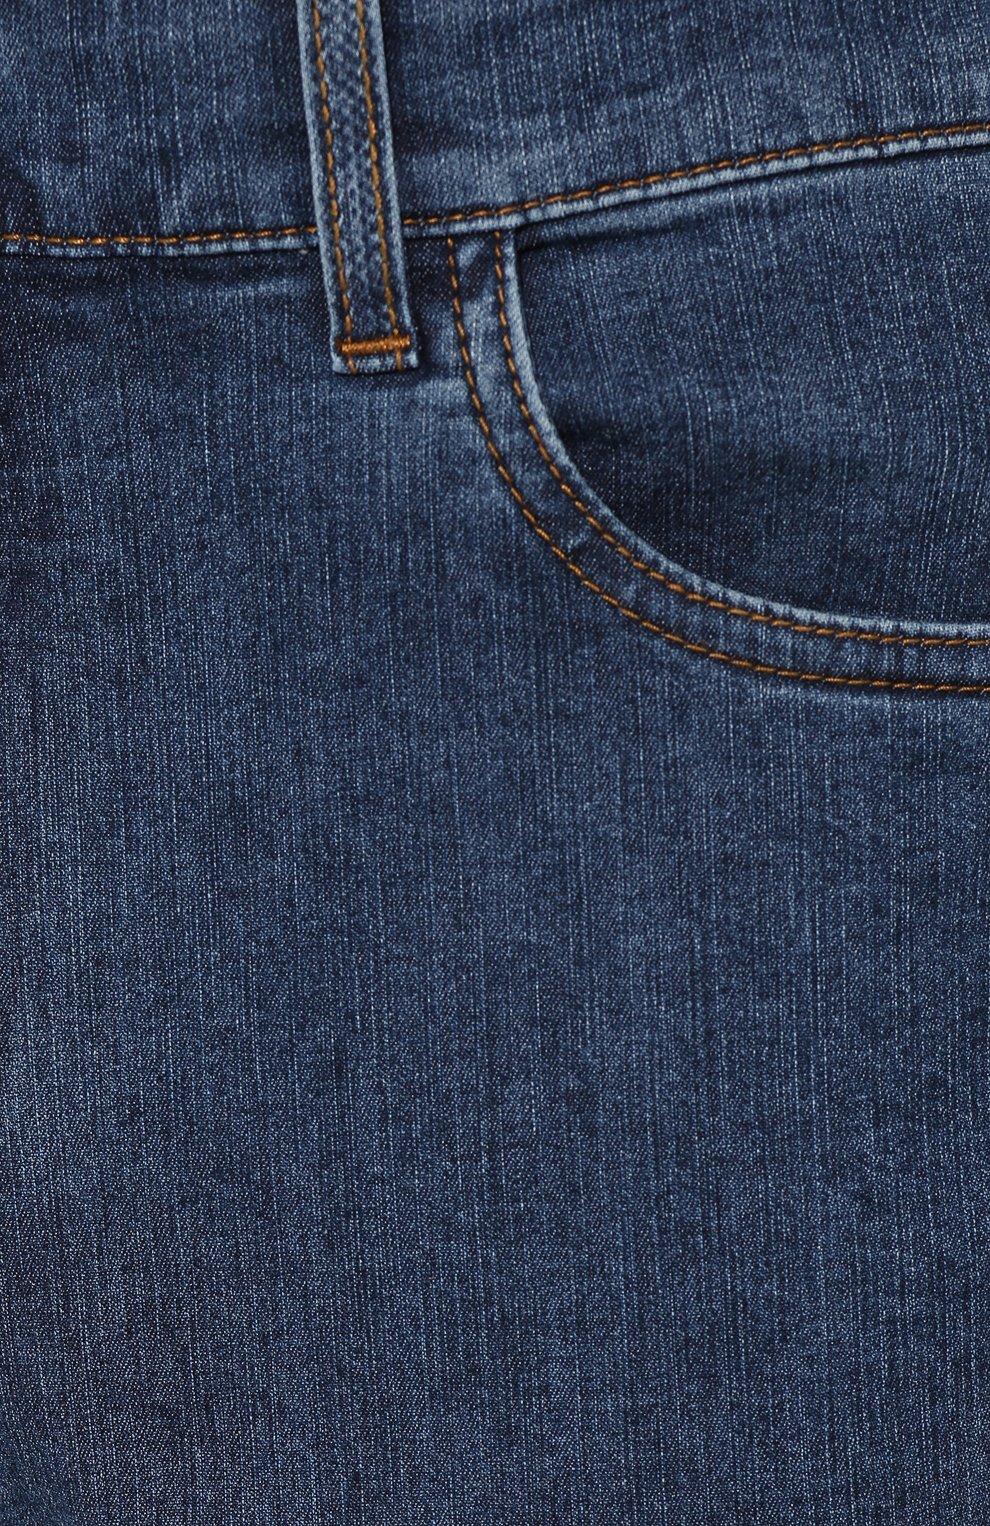 Мужские джинсы CANALI синего цвета, арт. 91755R/PD00464 | Фото 5